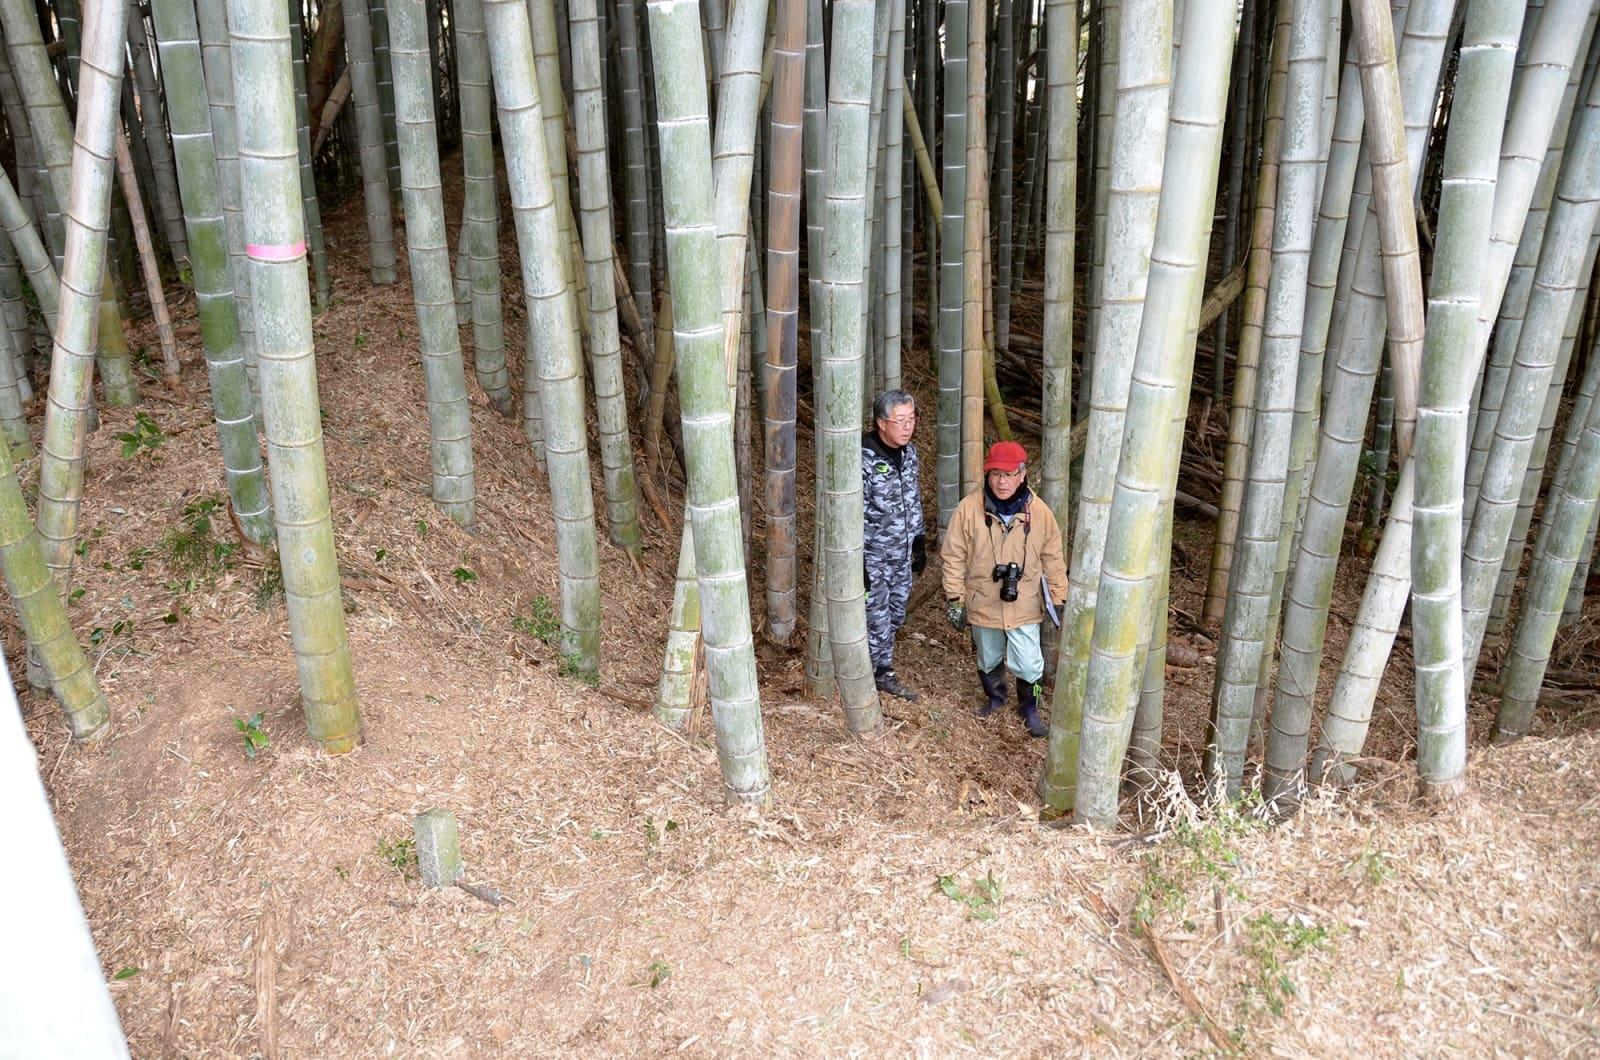 竹林に覆われた掩体壕跡に立つ古閑宏二郎さん(左)と高谷和生さん